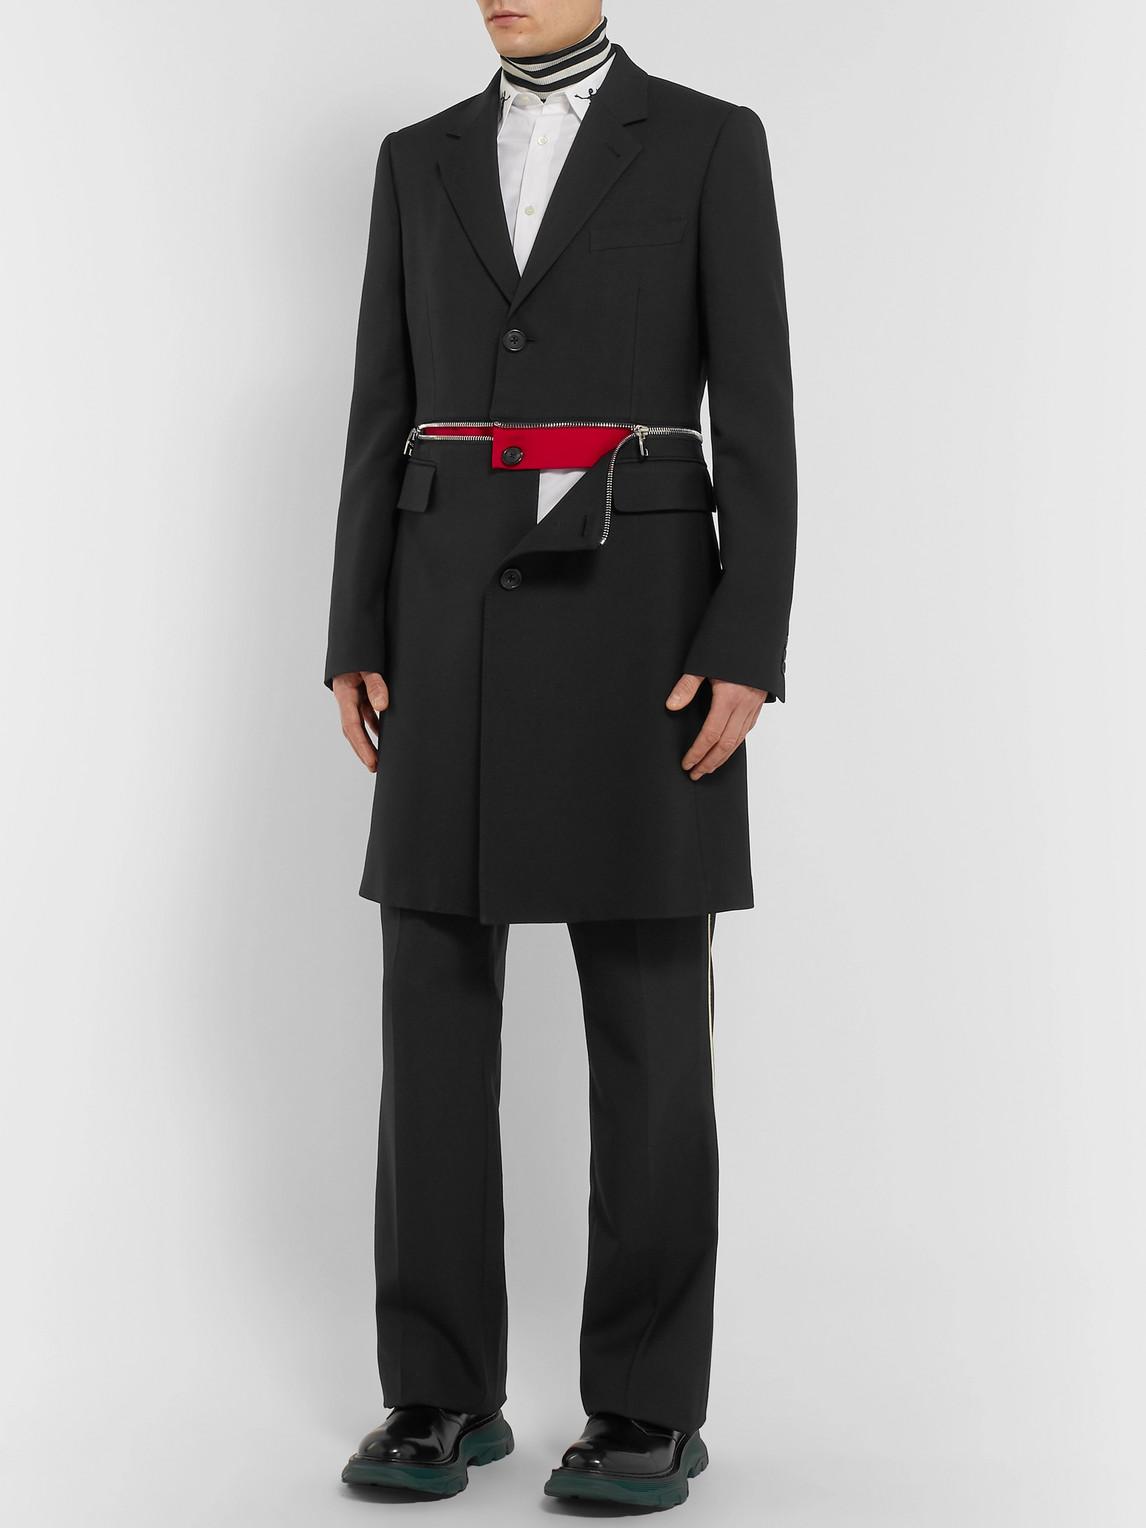 Alexander Mcqueen Coats SLIM-FIT ZIP-TRIMMED WOOL-BLEND COAT